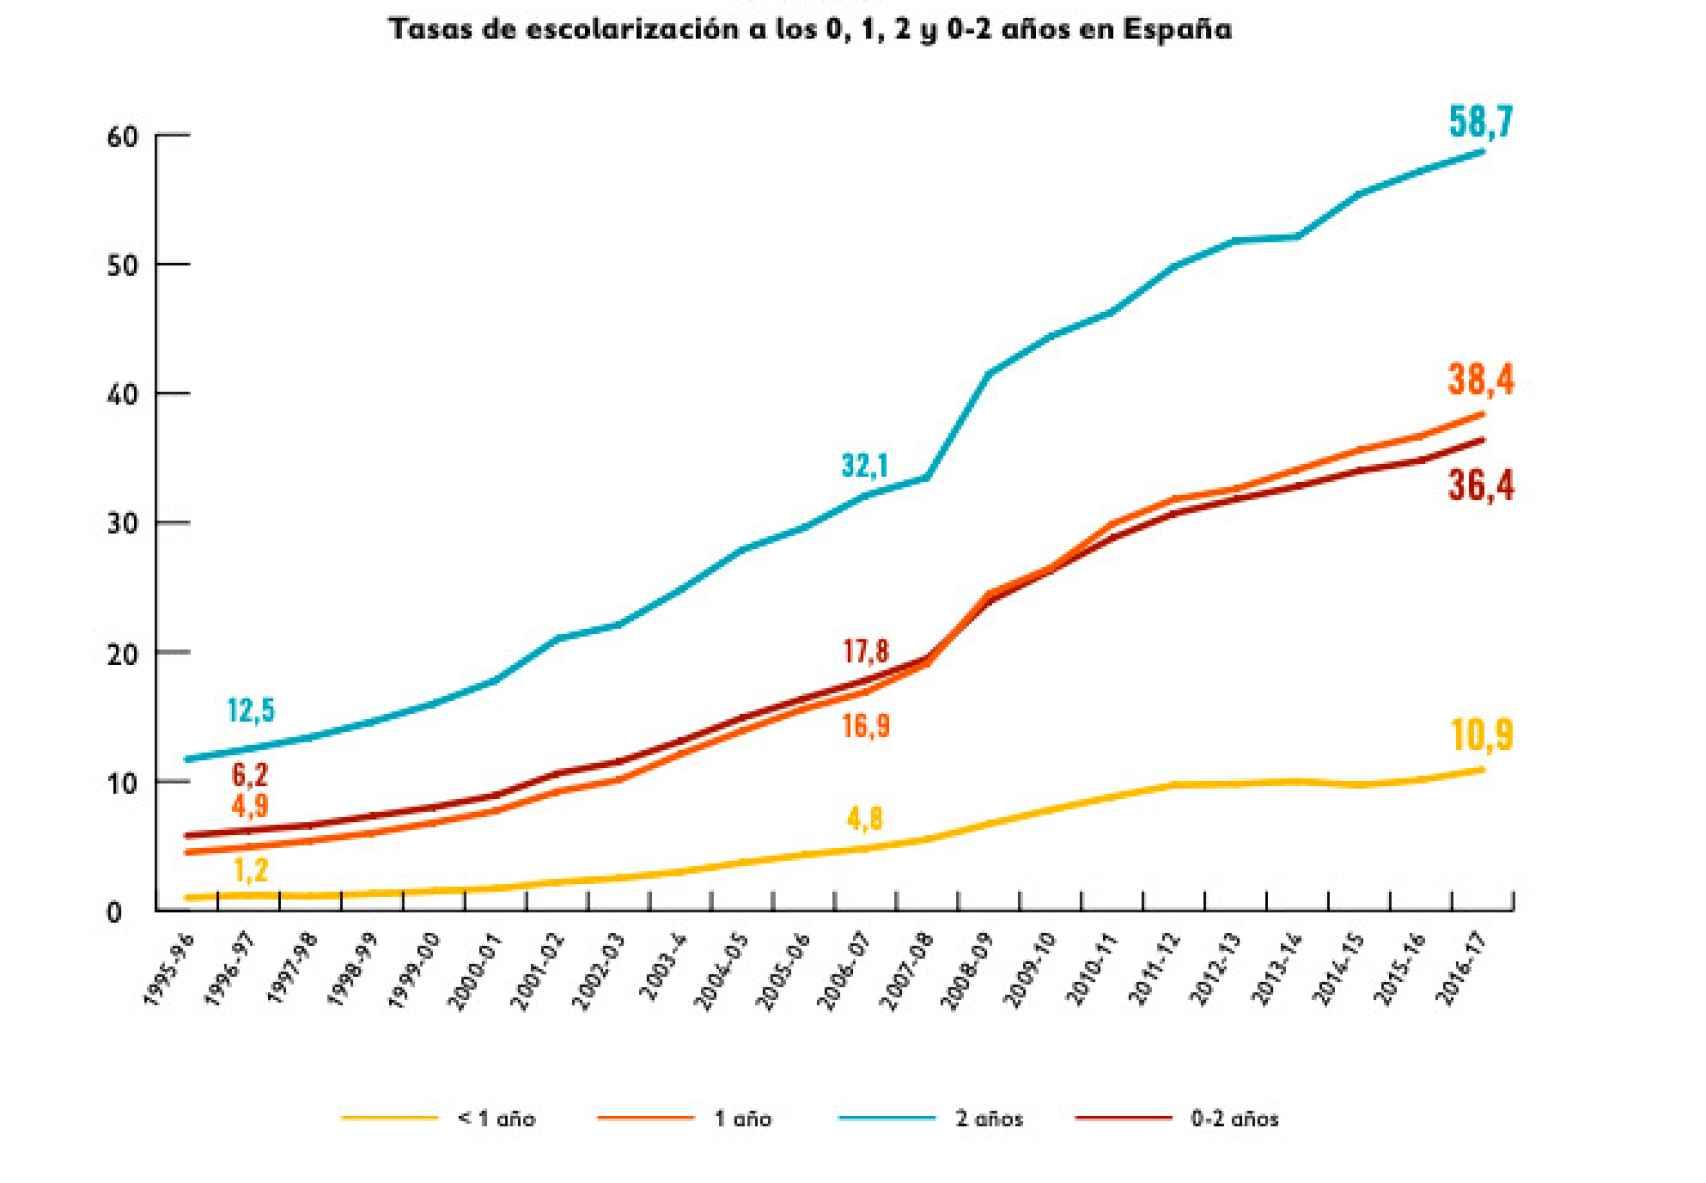 La escolarización de 0 a 3 años en España se ha duplicado en los últimos 10 años.